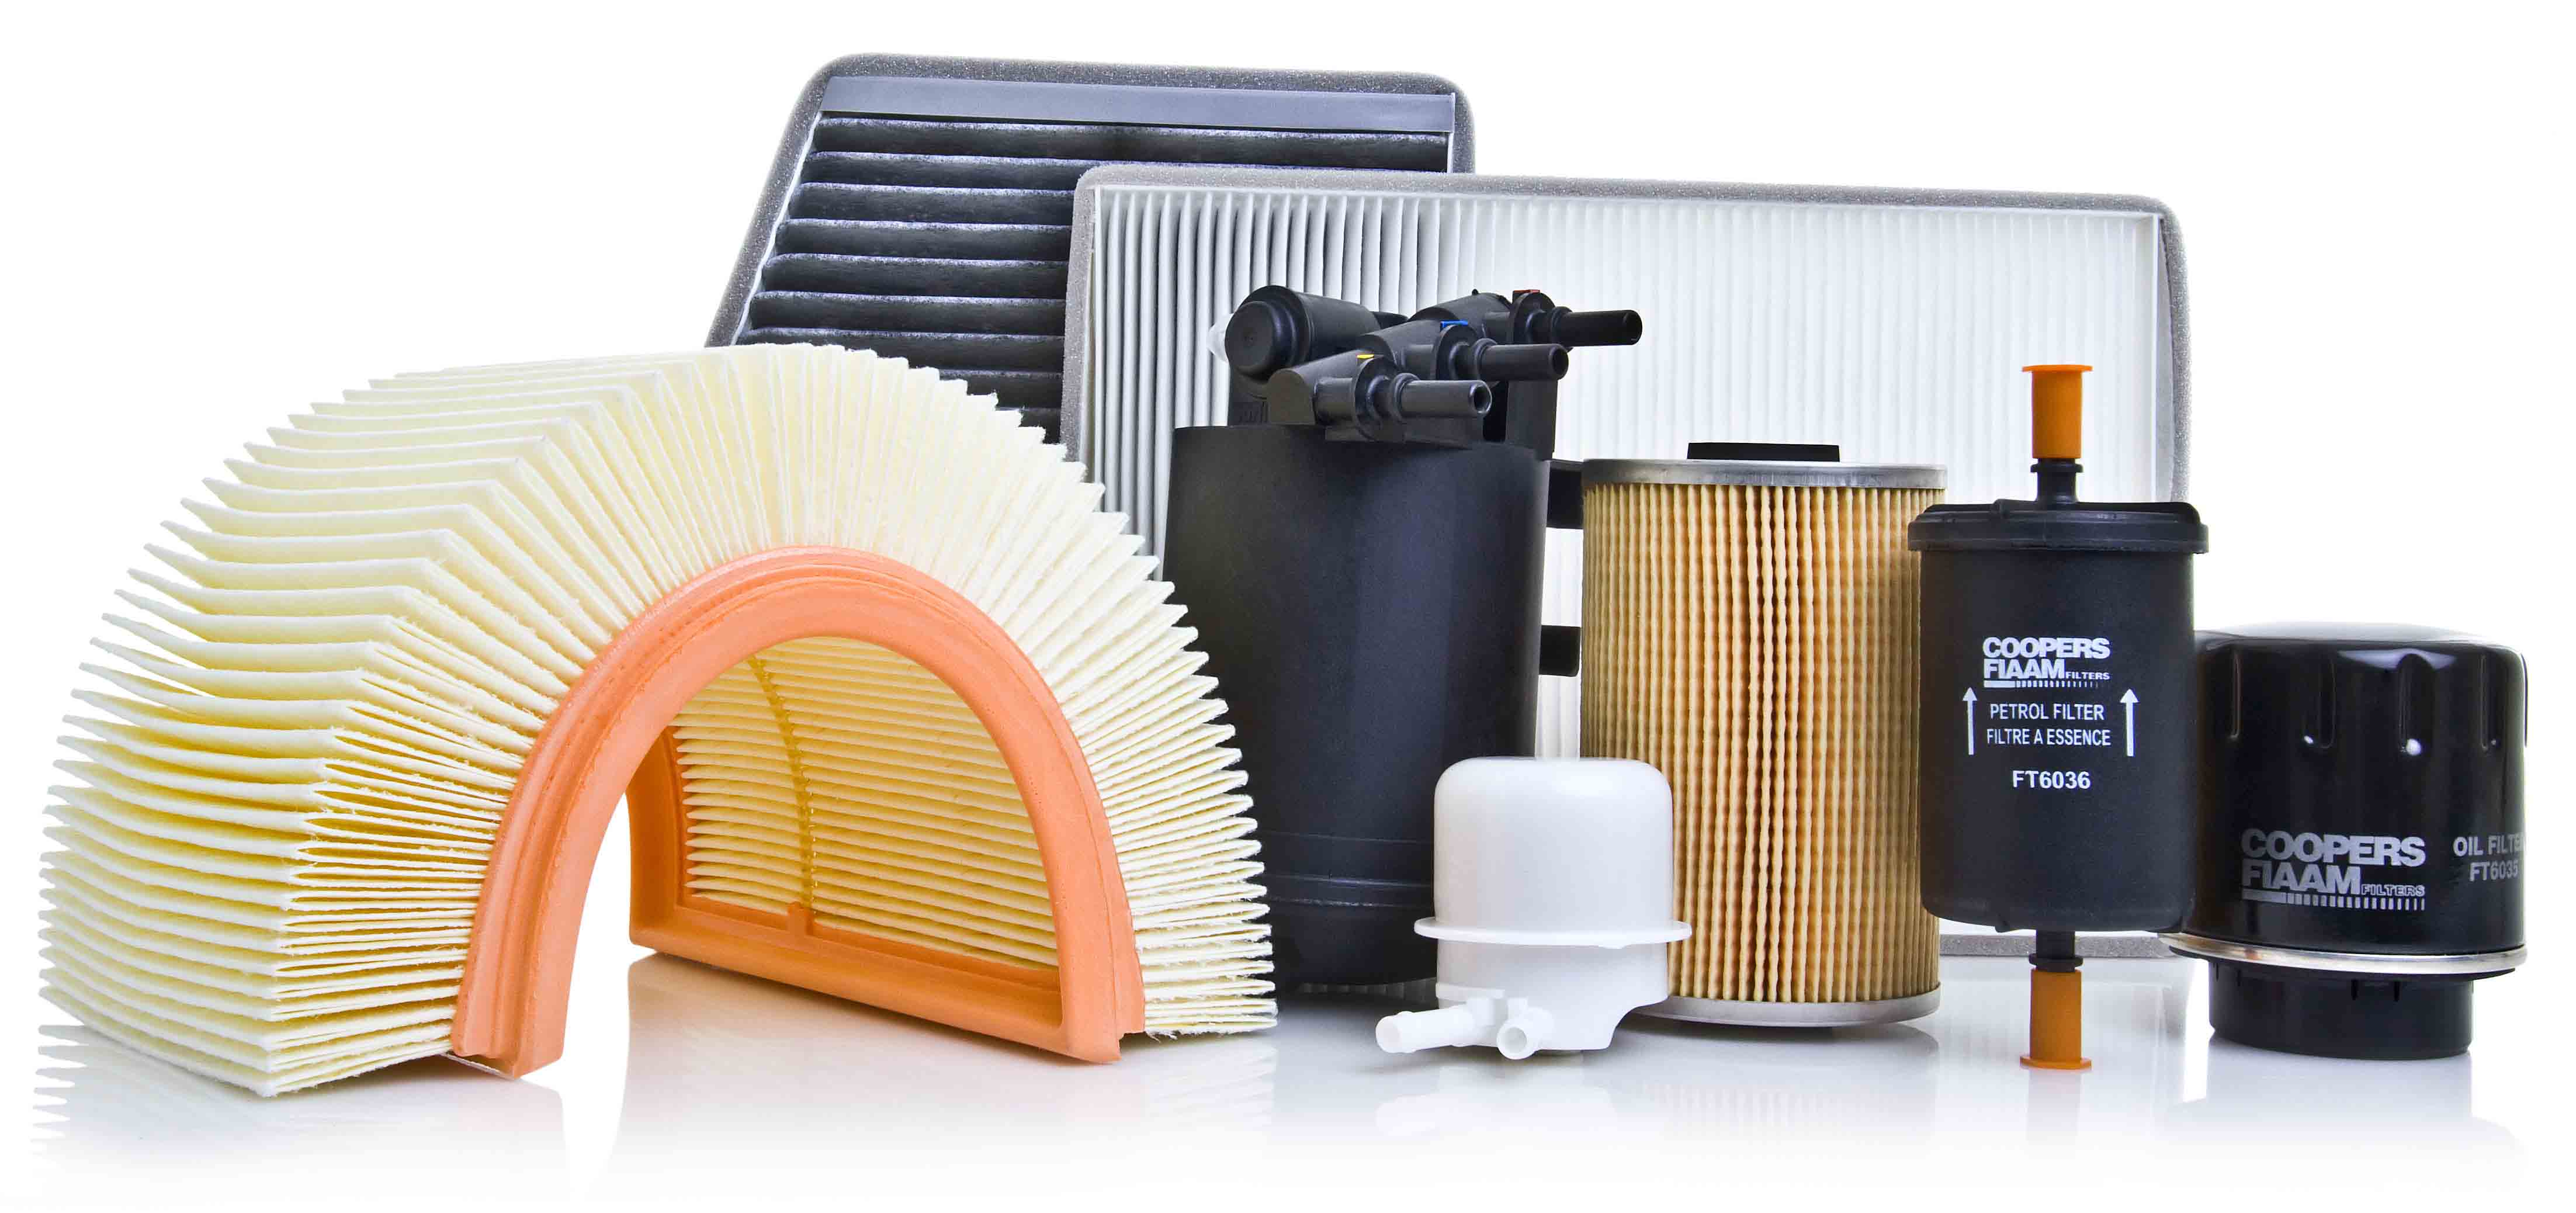 Почему вашему автомобилю не обойтись без фильтров?